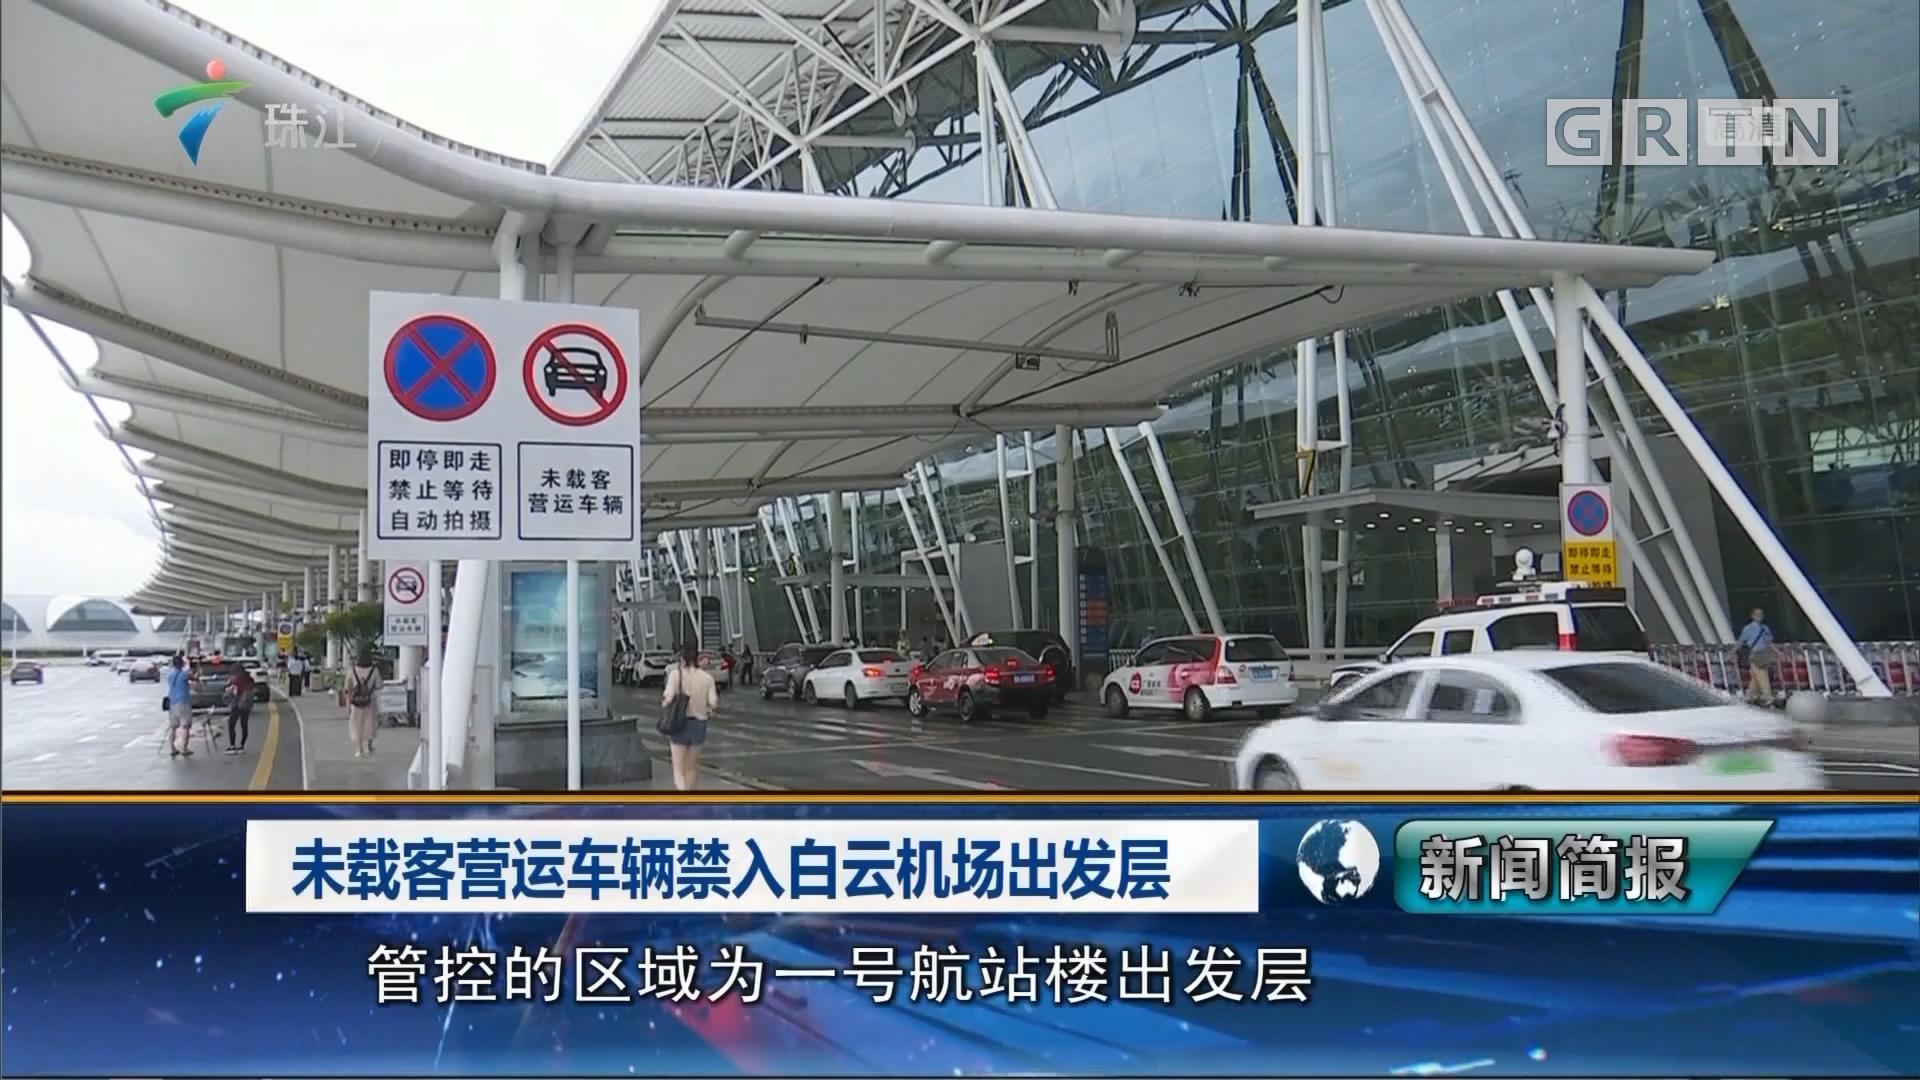 未载客营运车辆禁入白云机场出发层